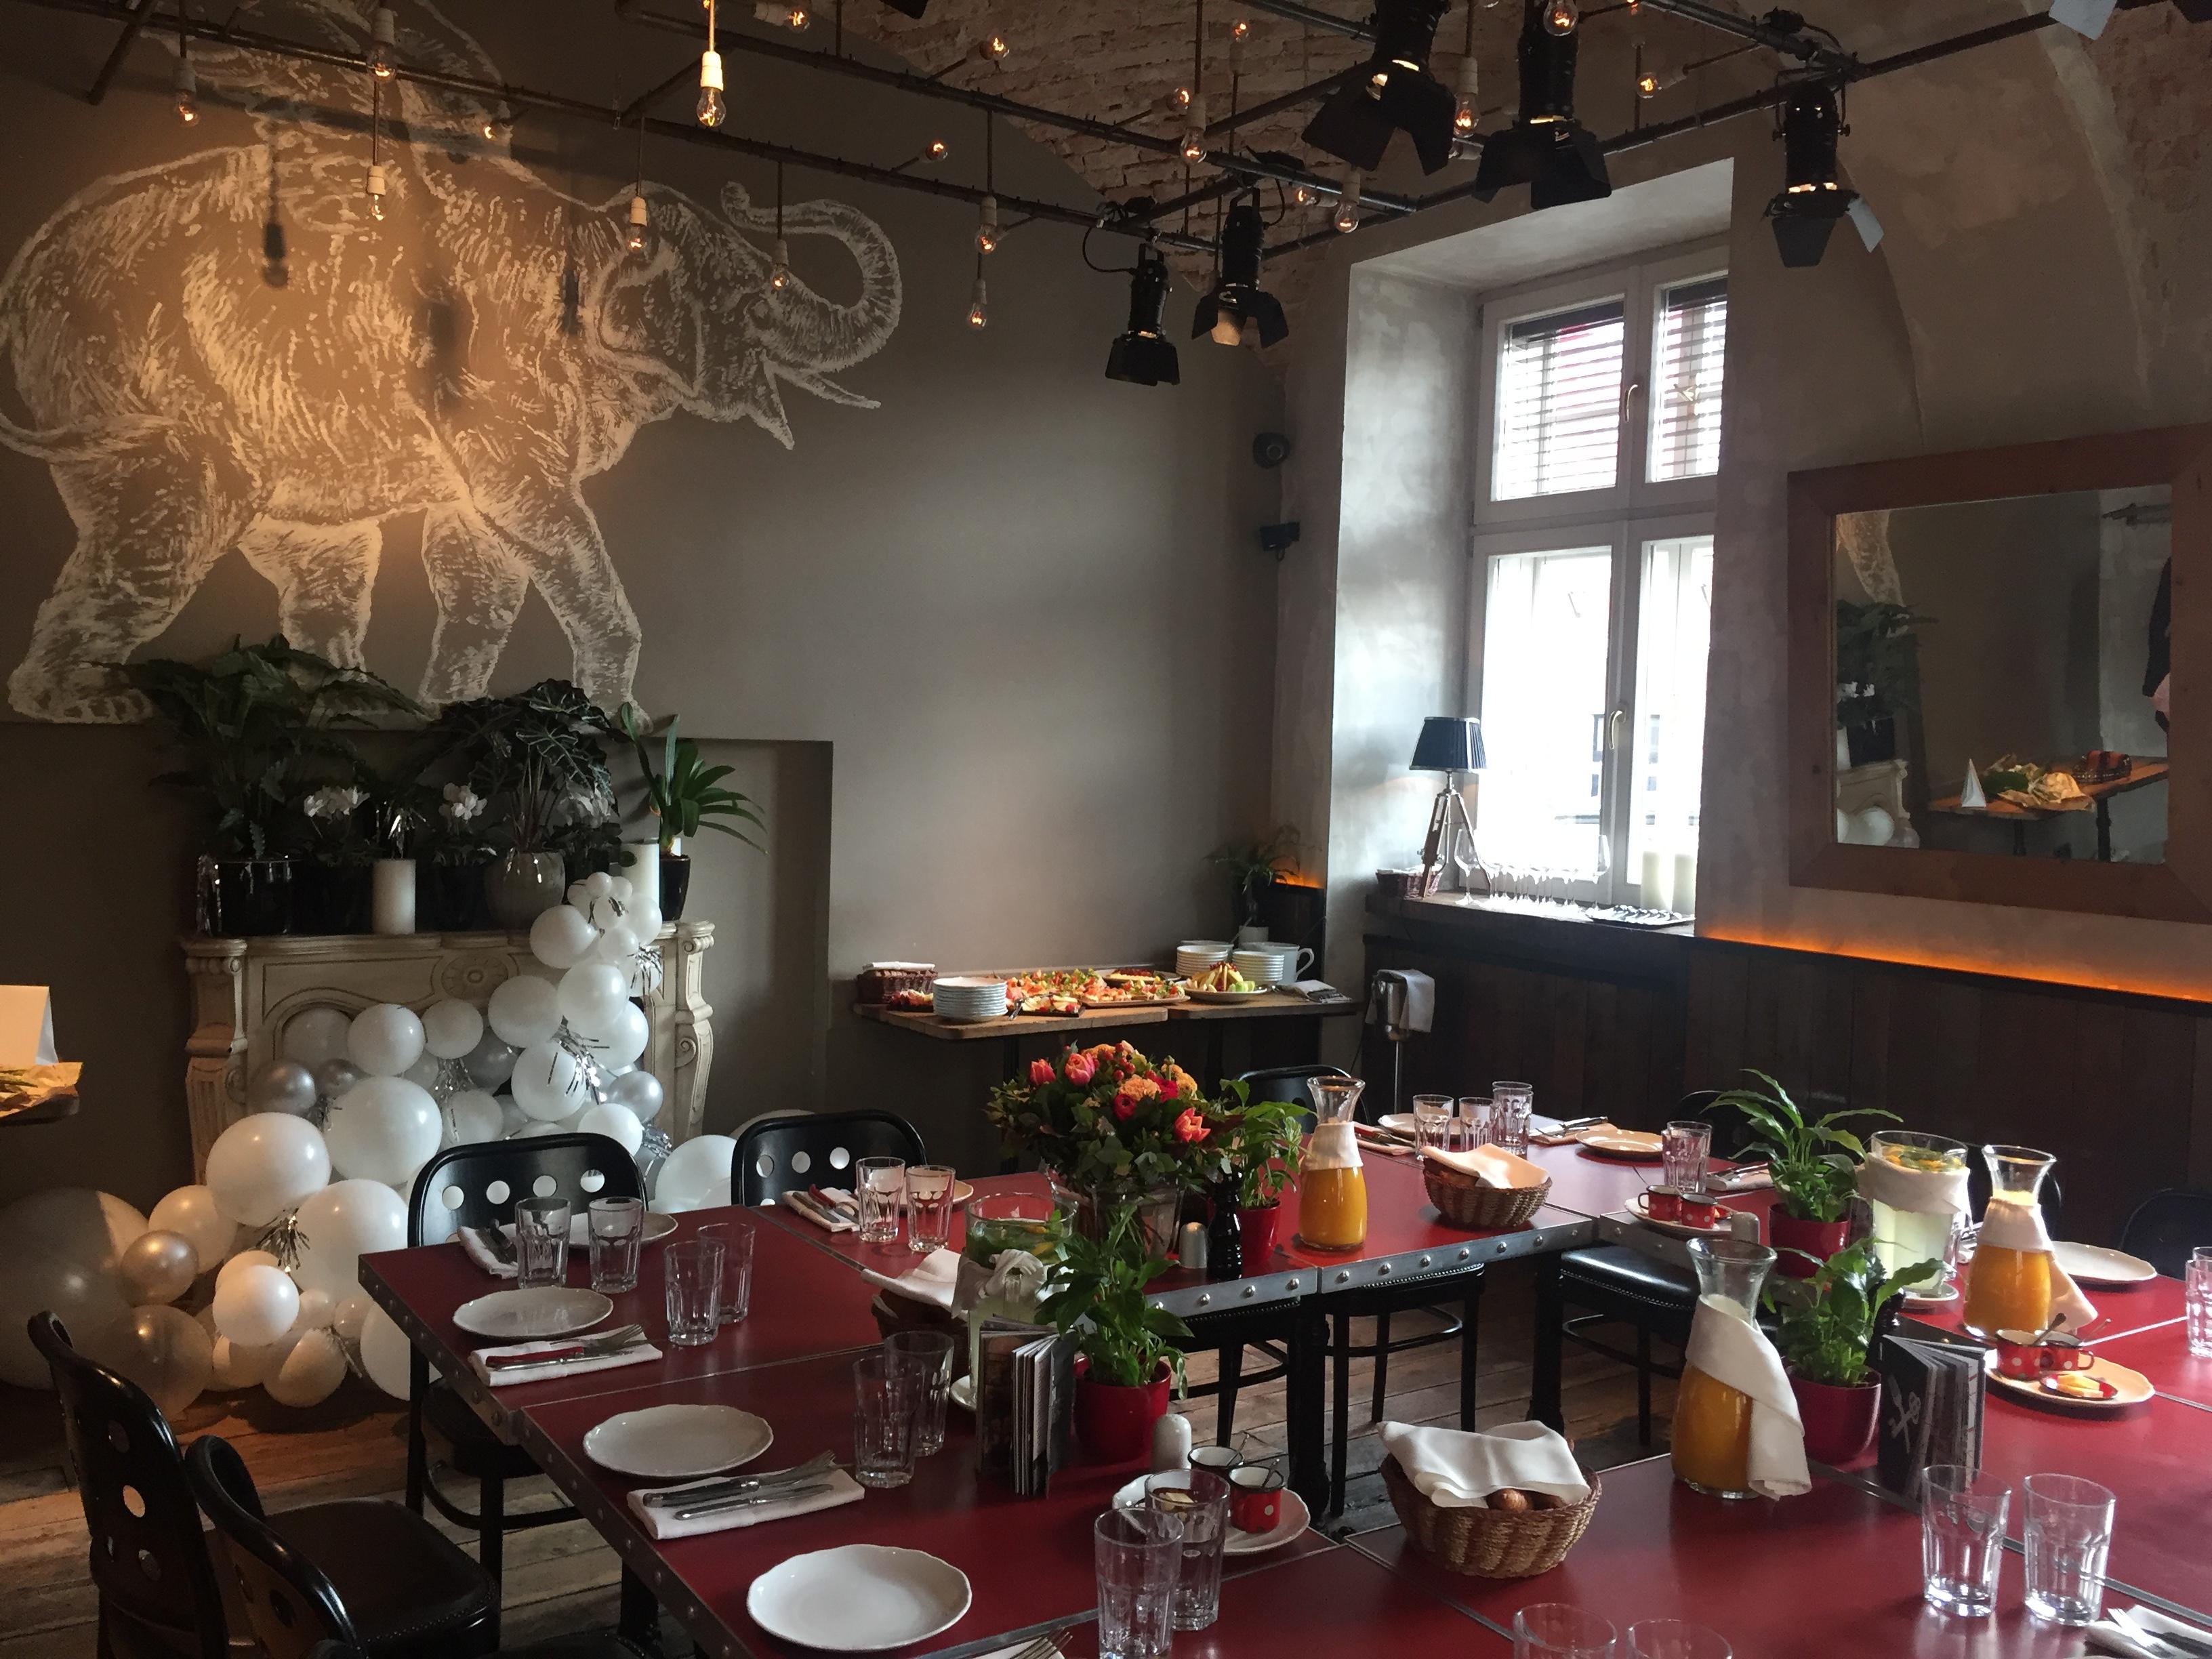 étterem klasszikus menyasszony